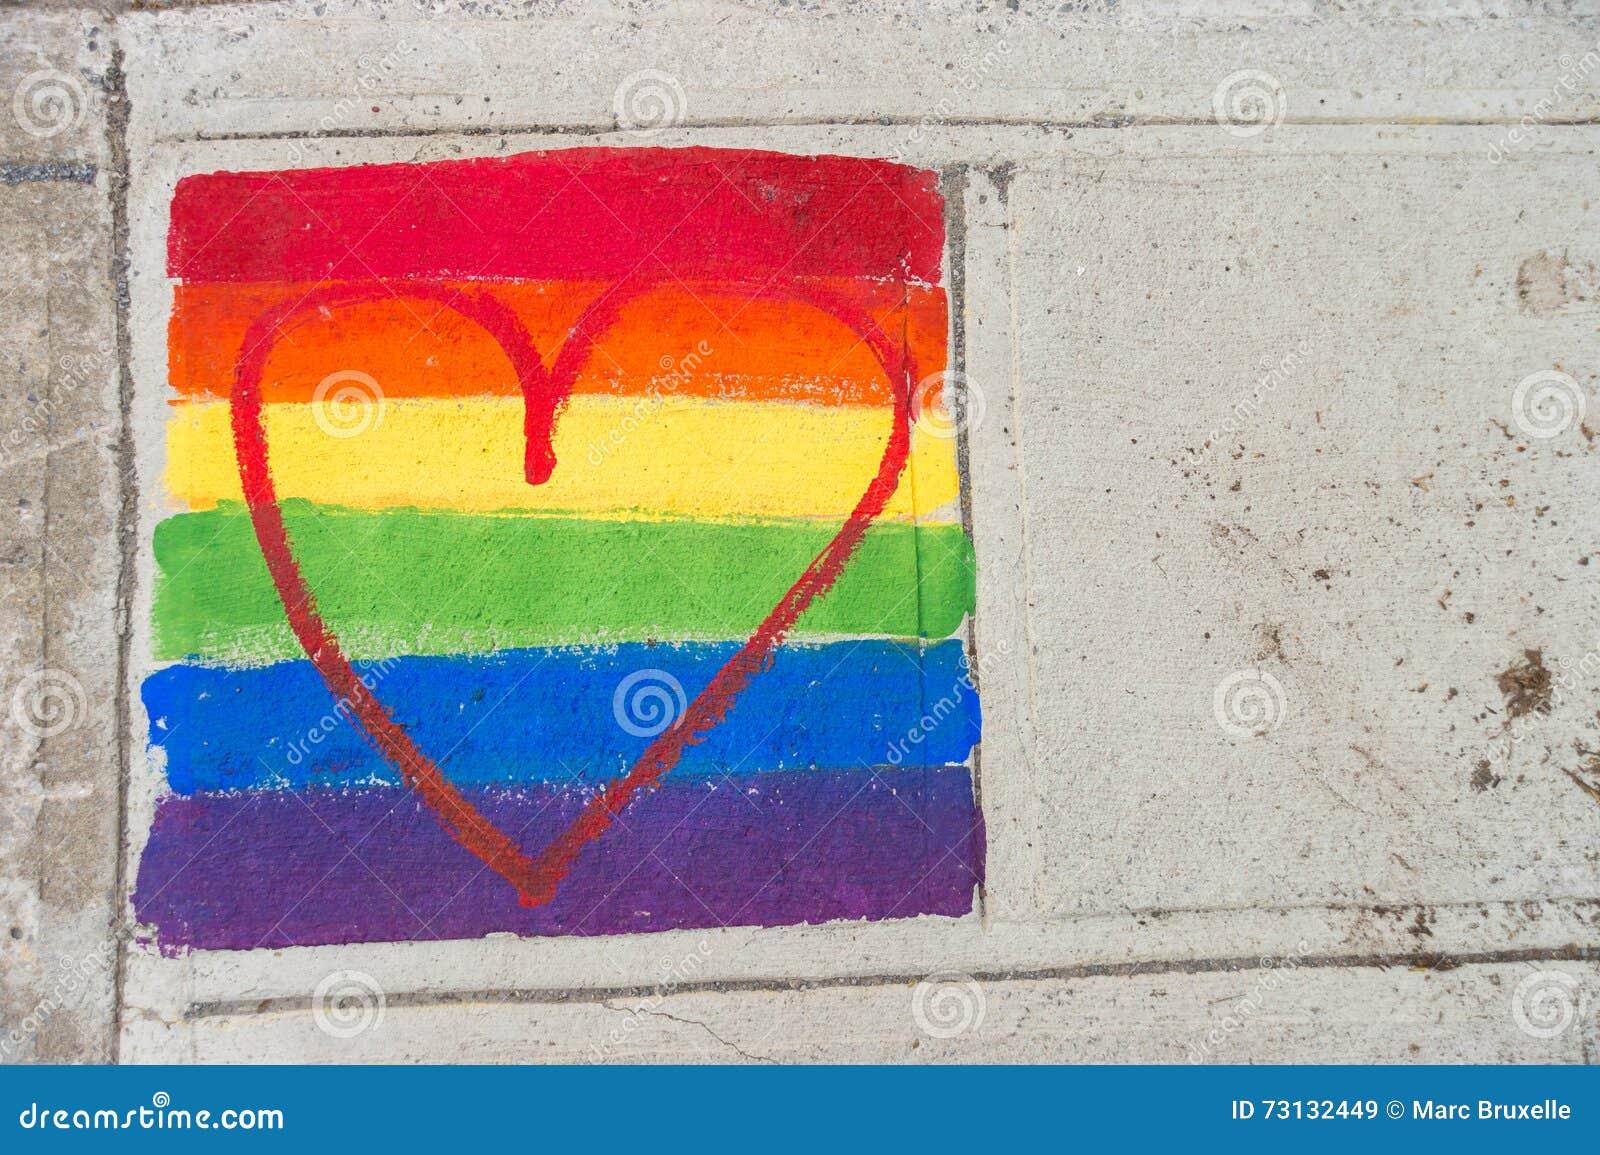 Homosexuelle Regenbogenflagge und rotes Herz